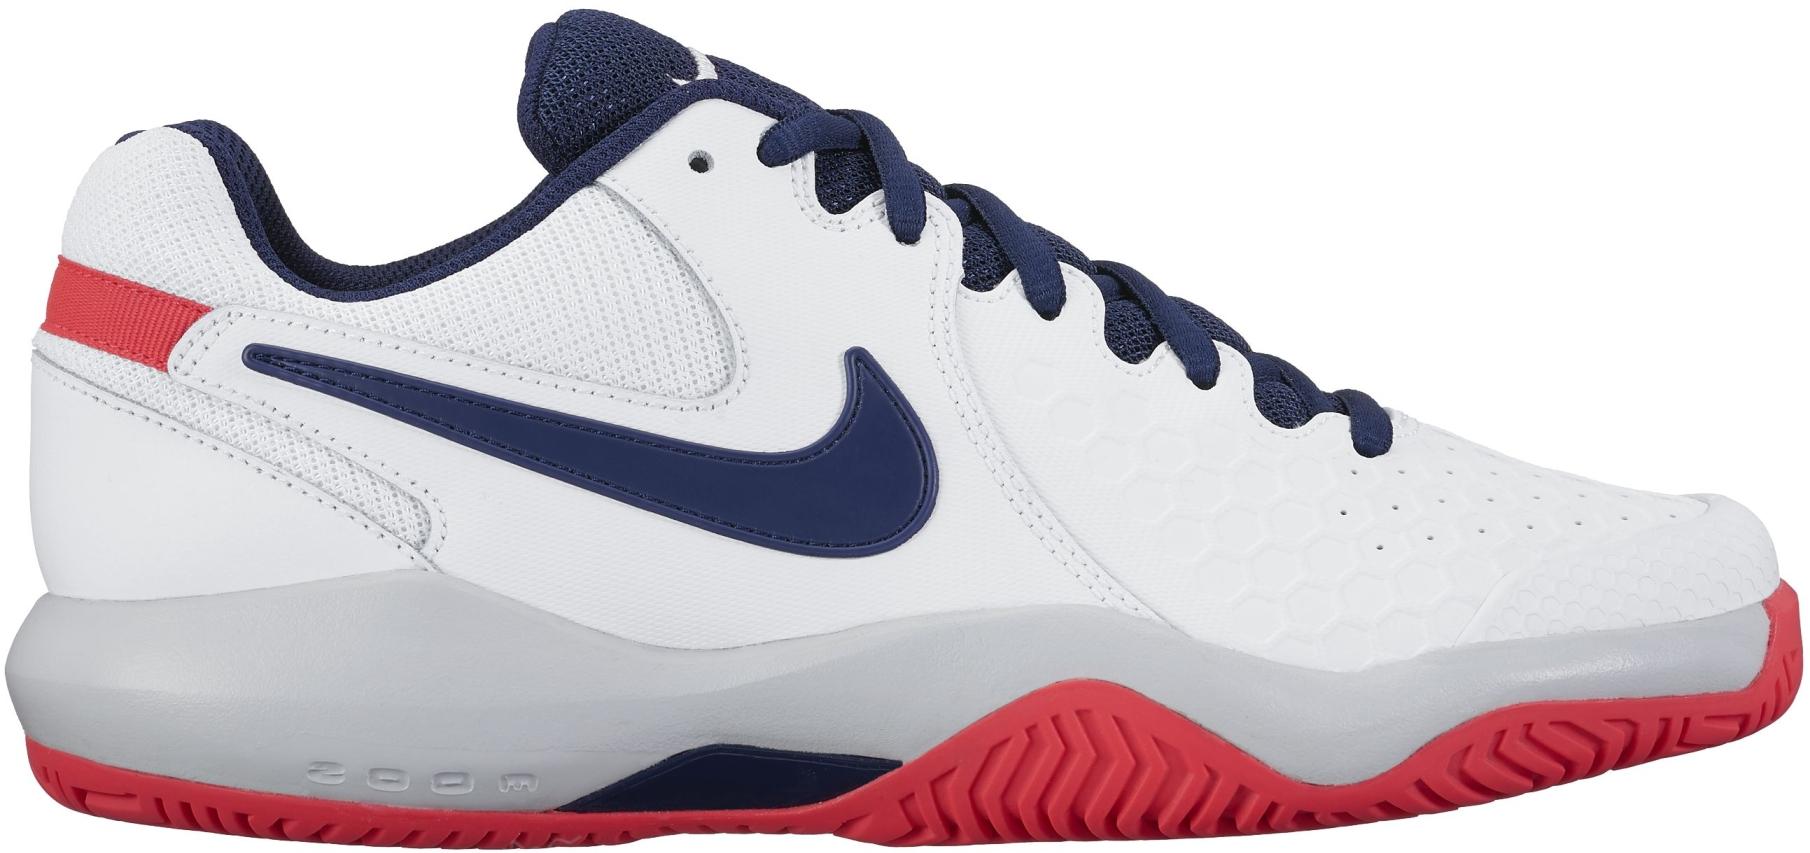 kody kuponów szczegóły specjalne do butów Nike buty tenisowe WomenS Air Zoom Resistance Tenn ...